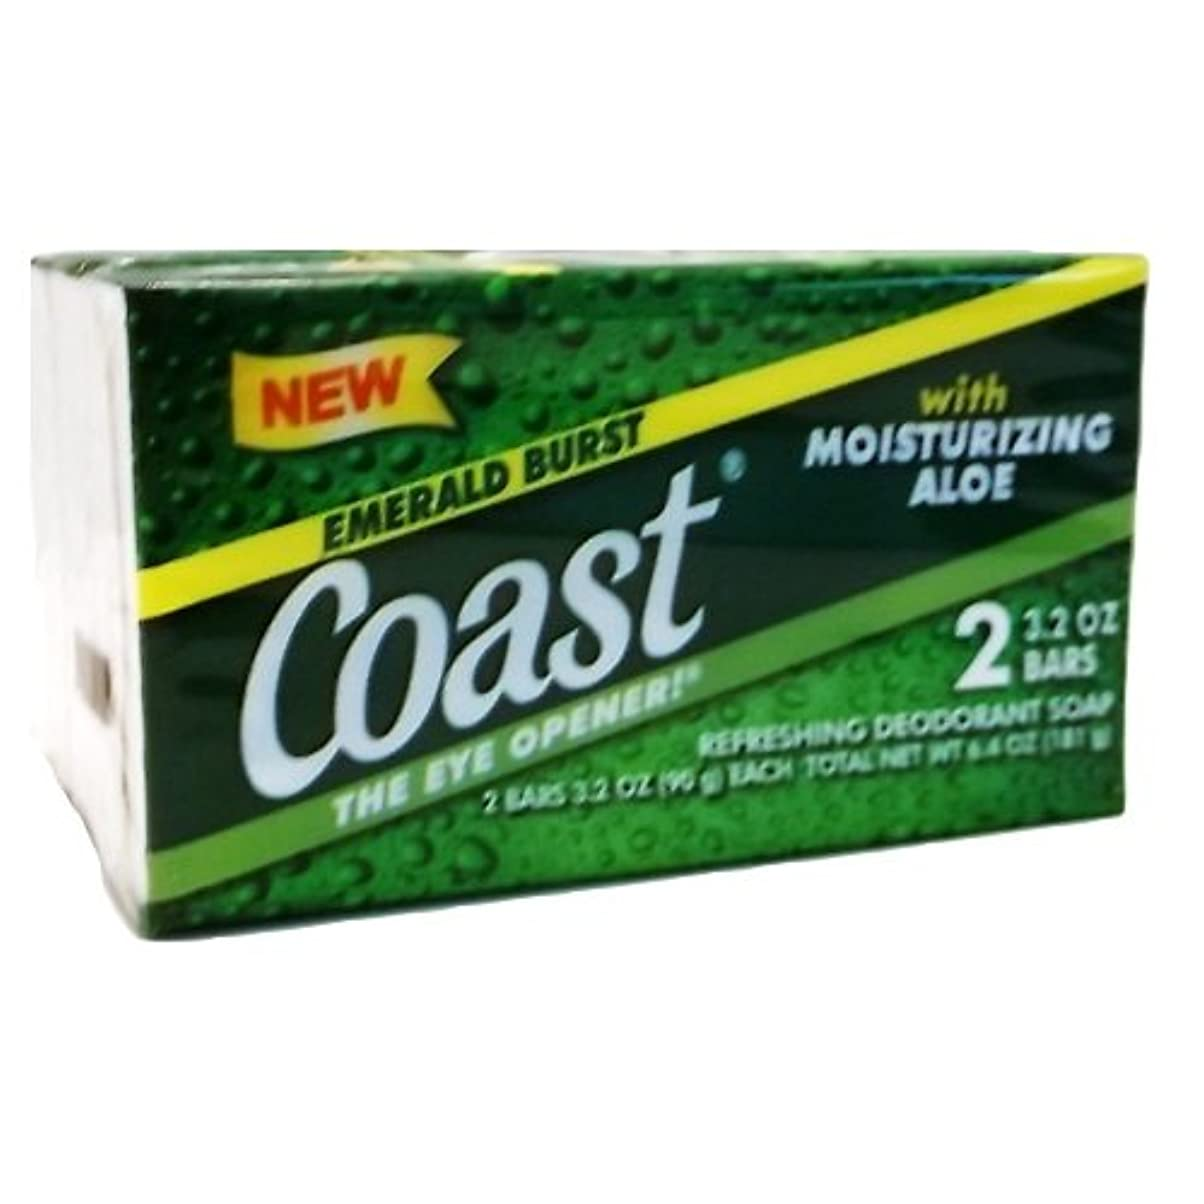 コースト(Coast) 石けんエメラルドバースト2個入り×24パック(48個)